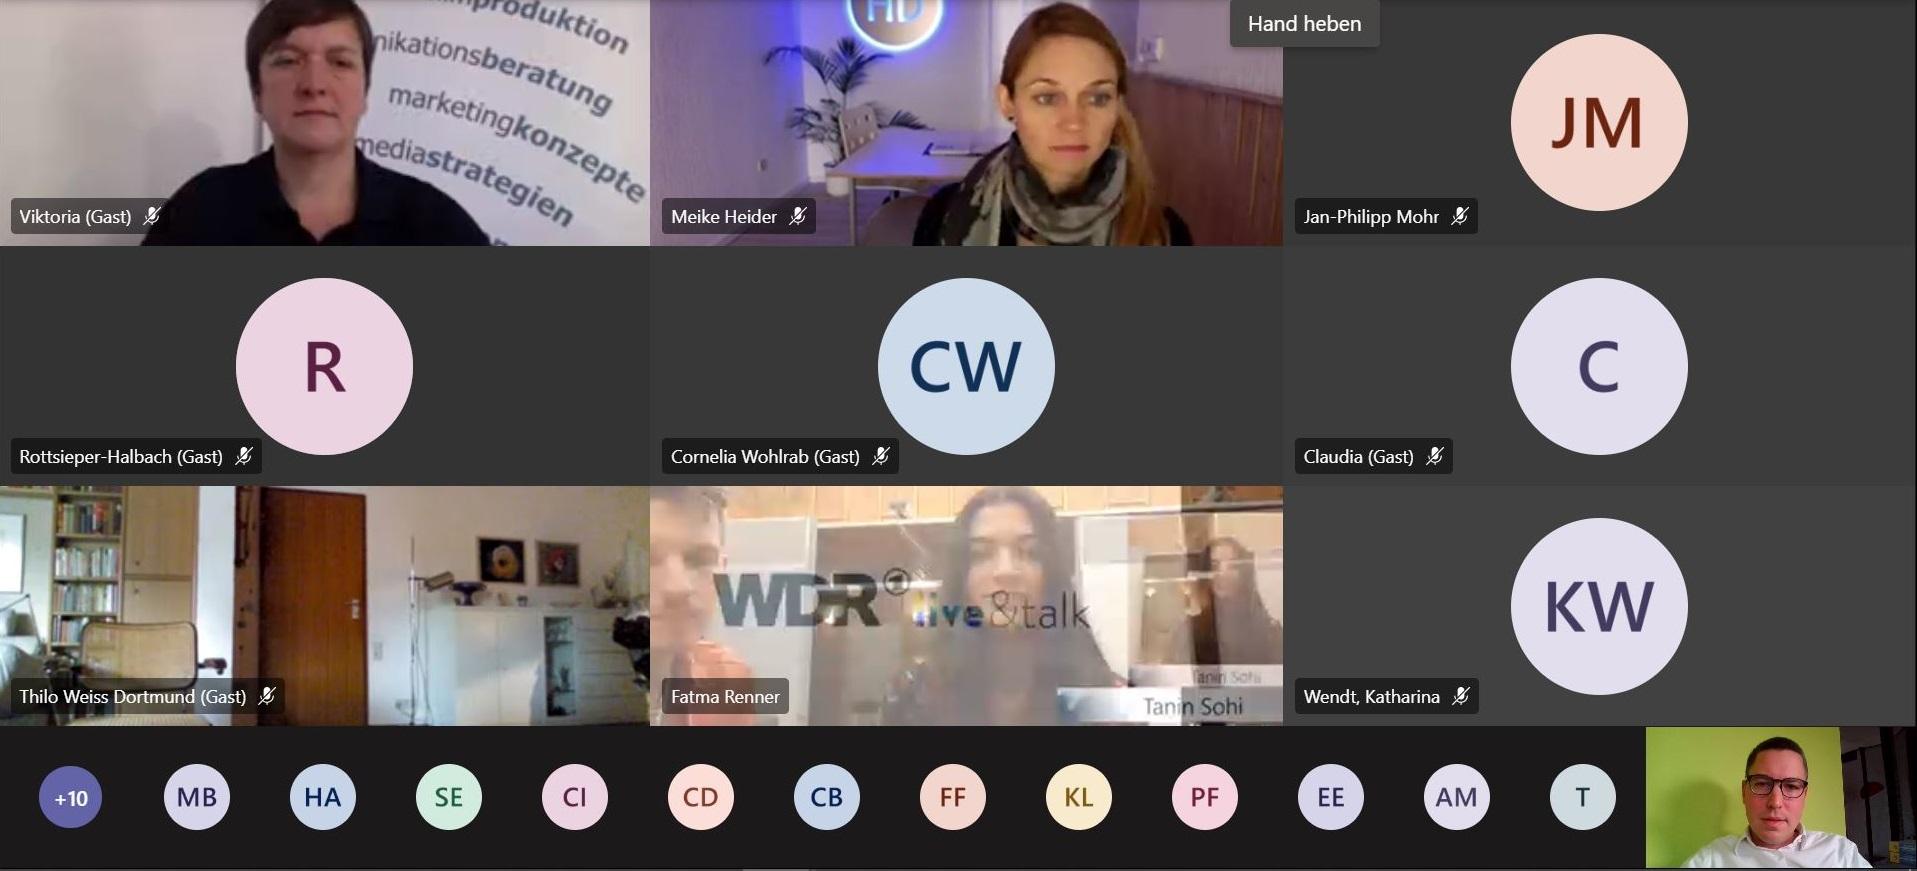 Virtuelle WDR Führung